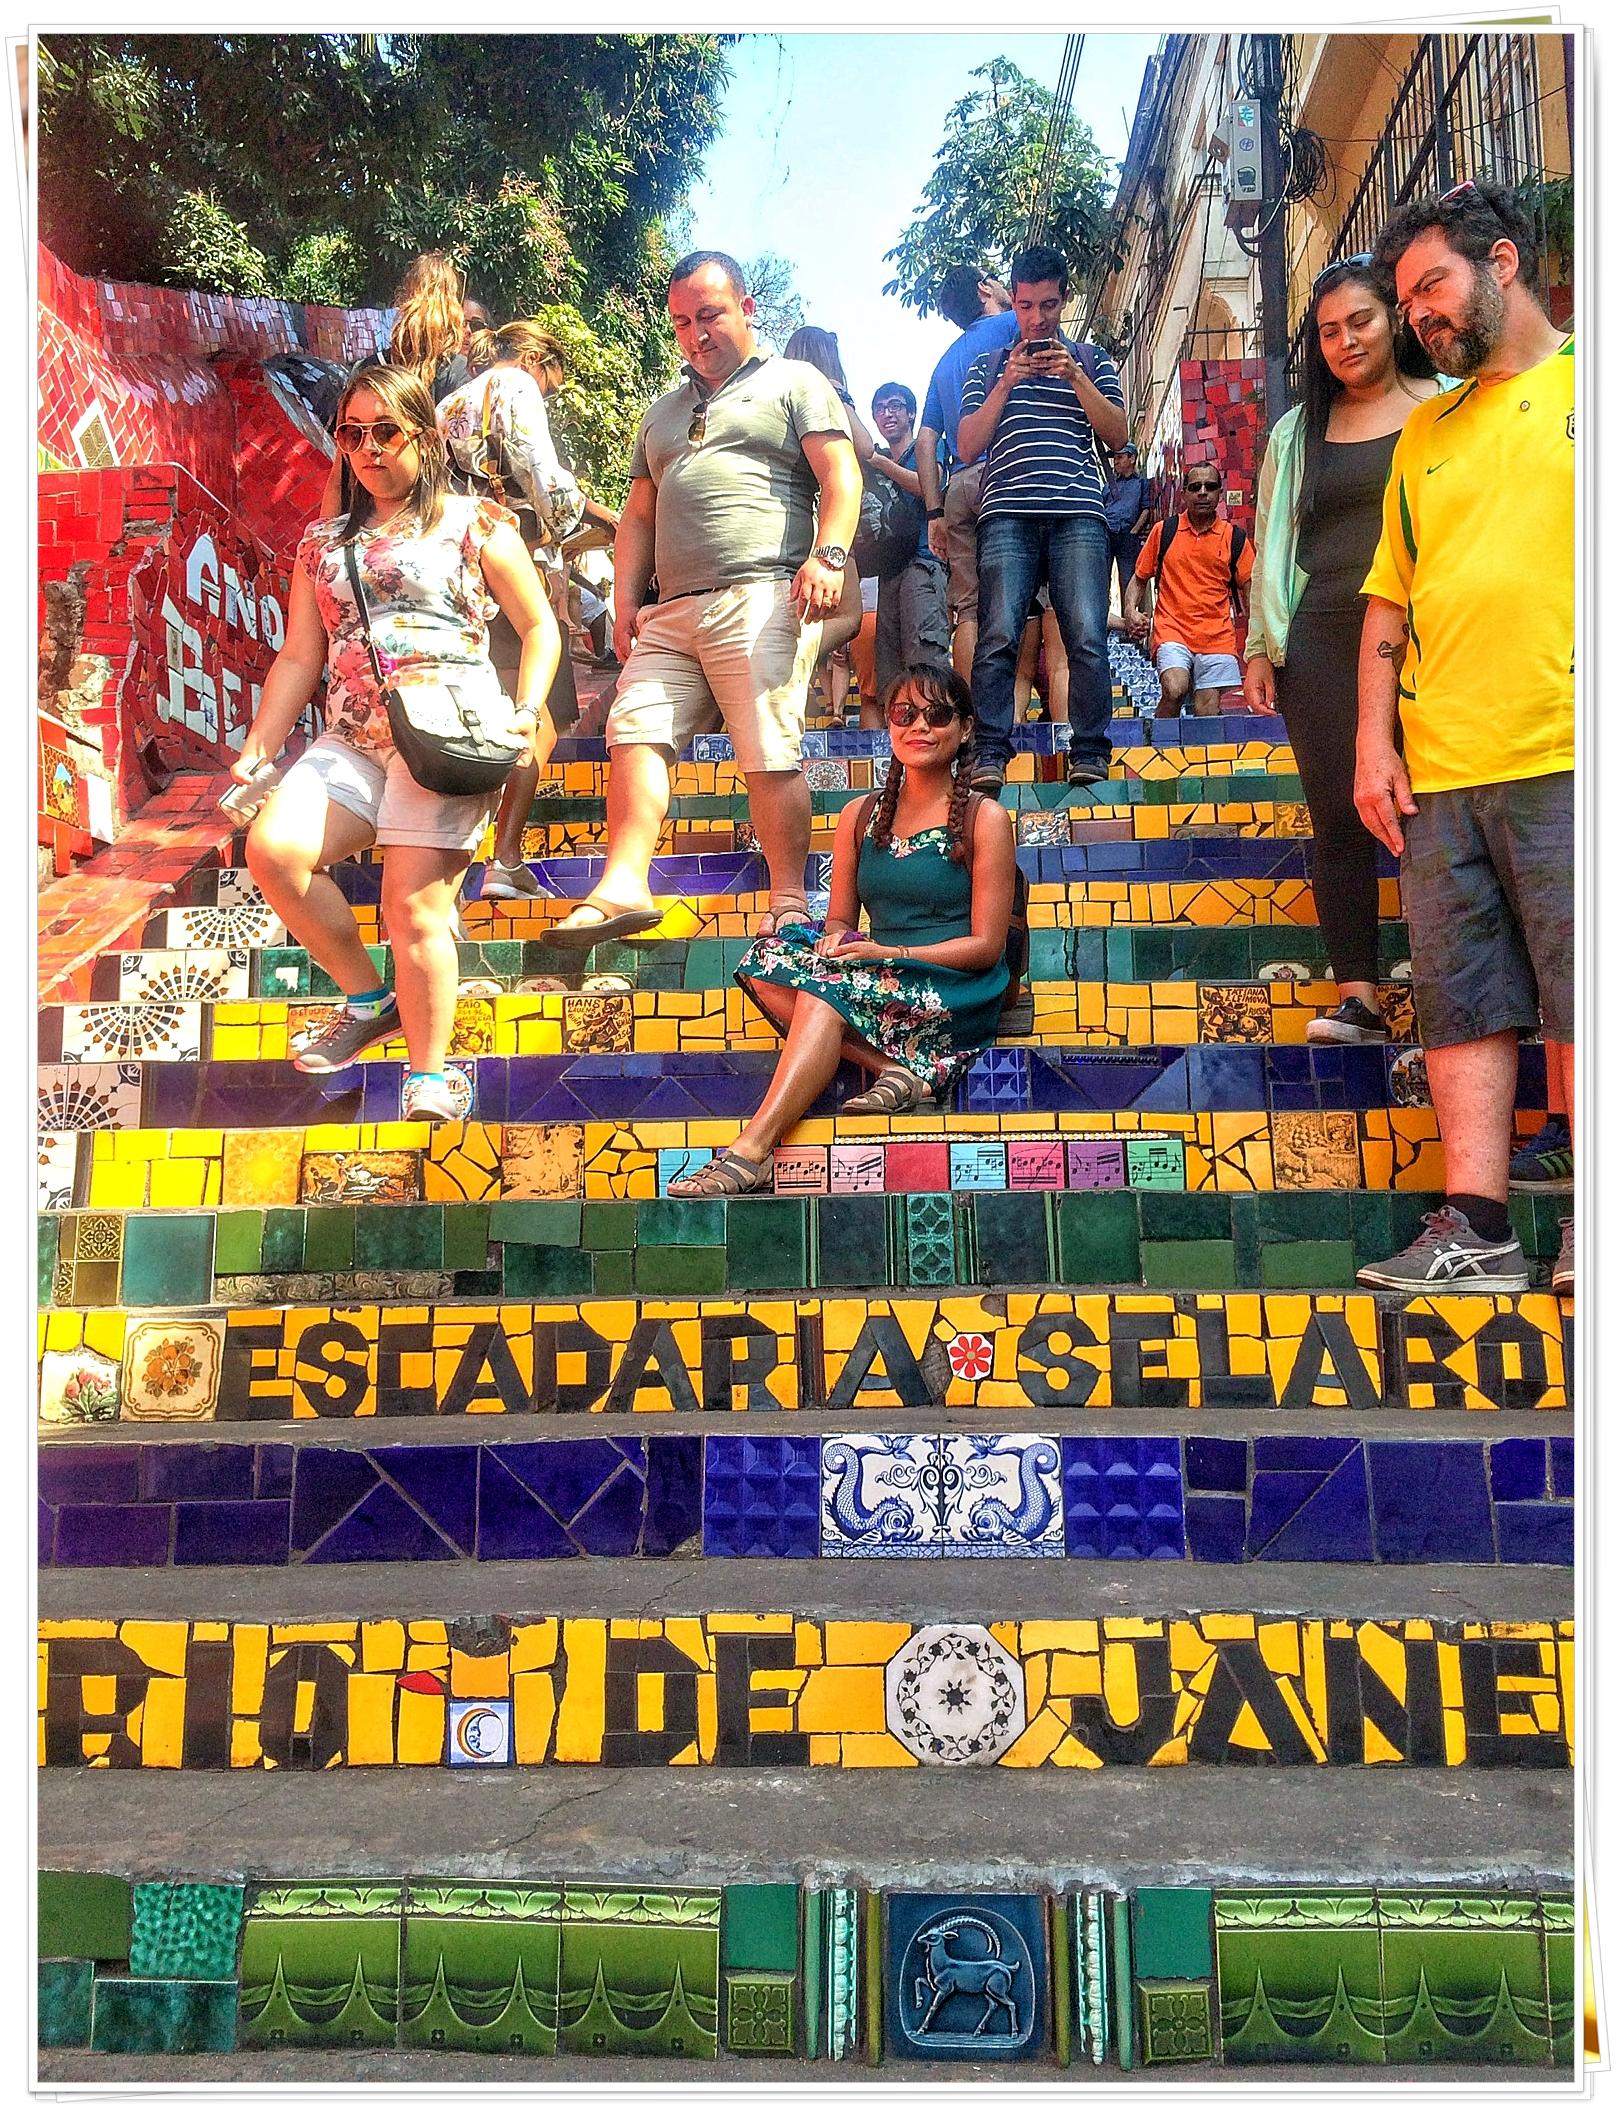 2016 Rio de Janeiro (Escadaria Selaron)